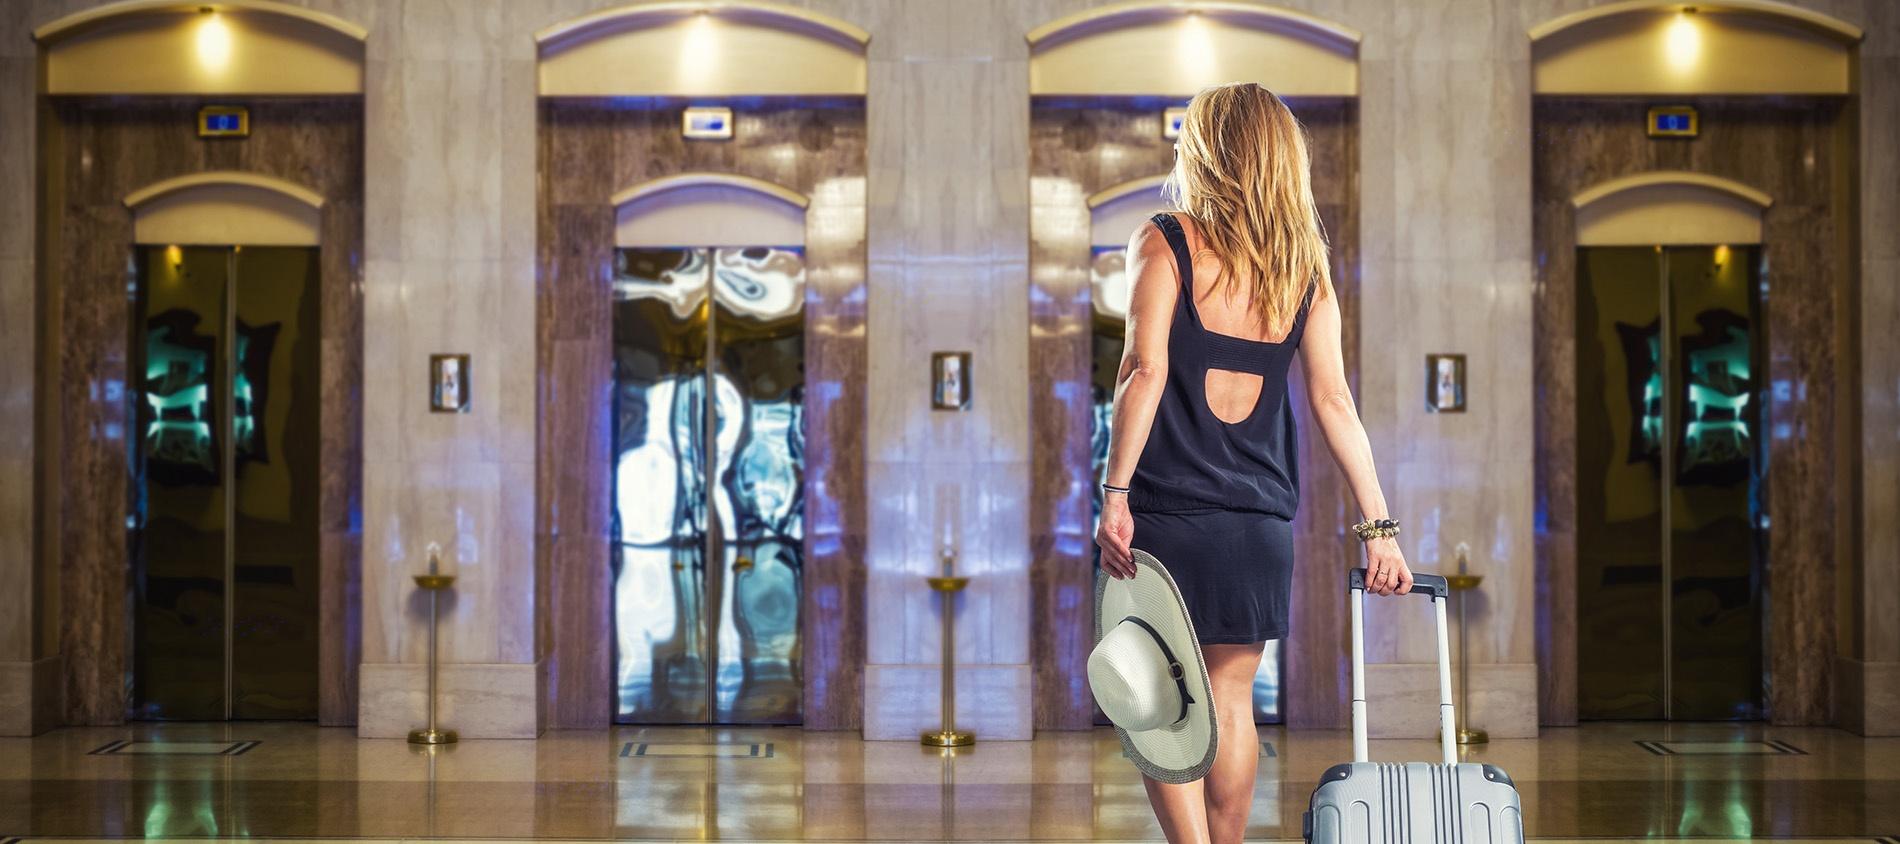 ¿Realmente el marketing digital es útil para las empresas del sector hotelero?